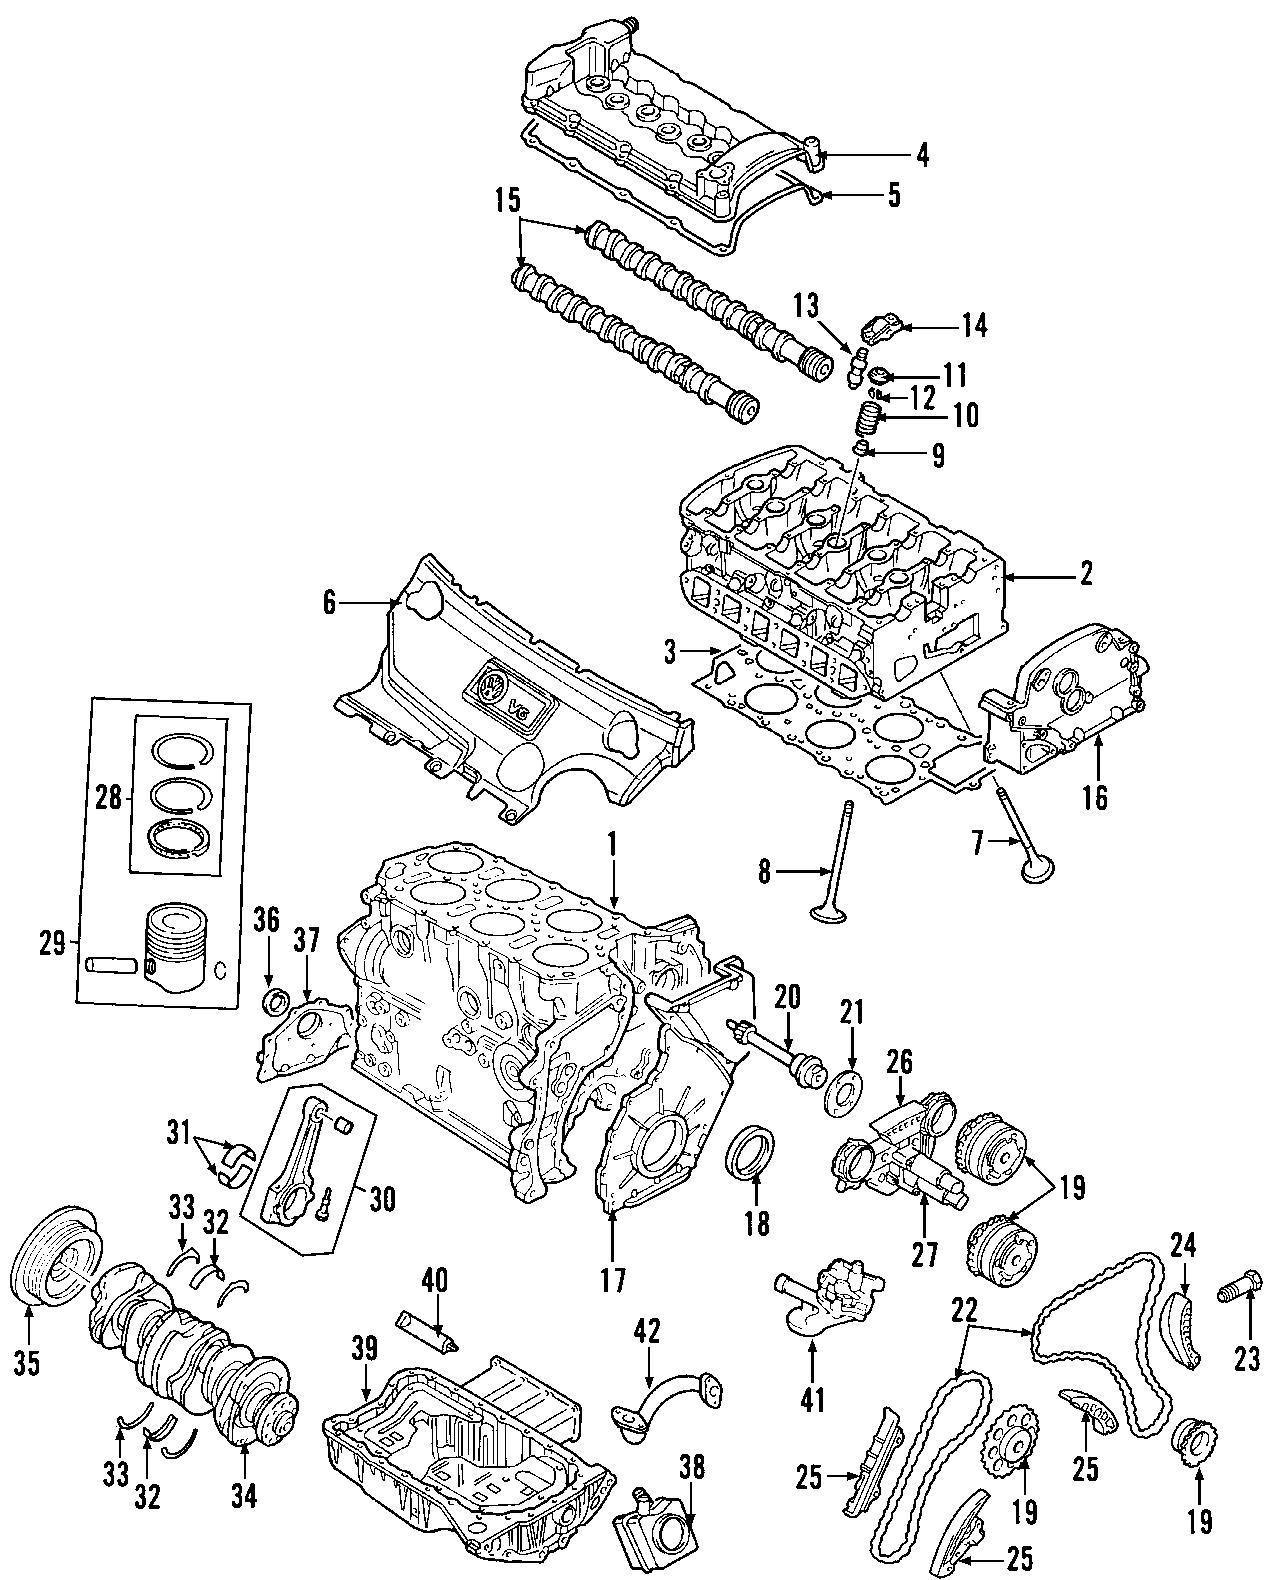 Volkswagen Golf Engine Valve Cover 3 2 Liter R32